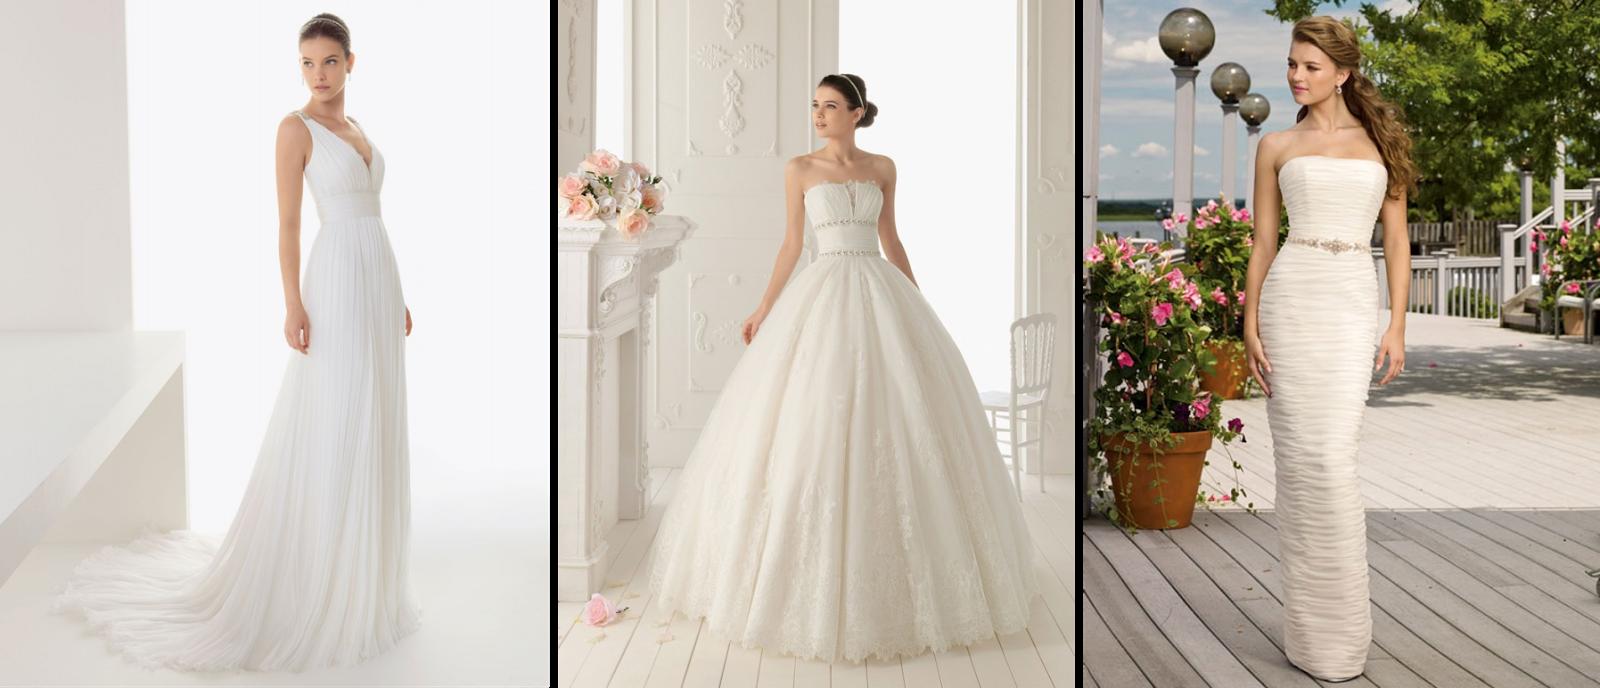 Corte imperio, ball gown o tubo para un vestido de novia